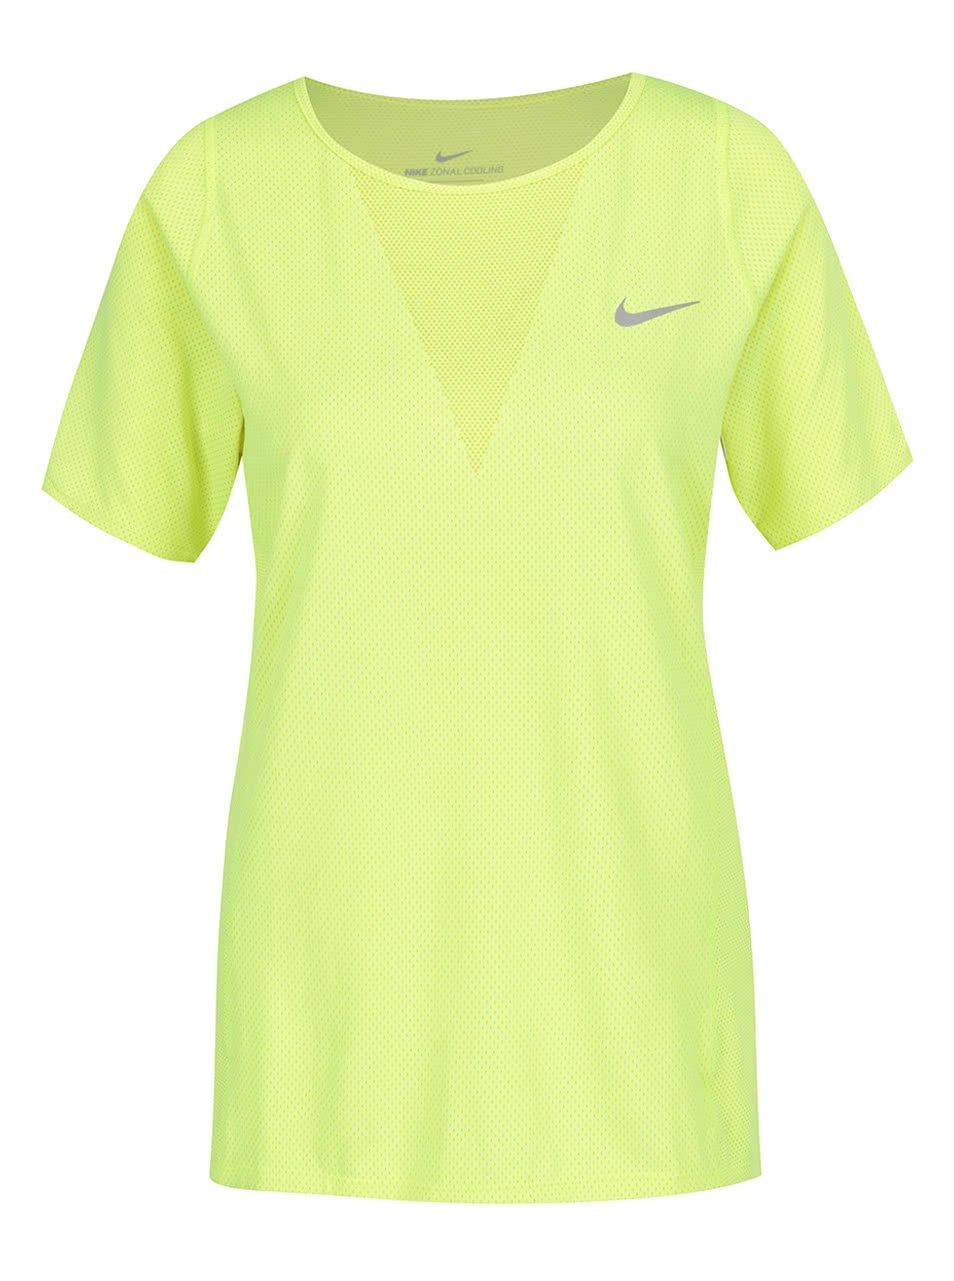 Neonově žluté dámské funkční tričko Nike Zonal Cooling Relay